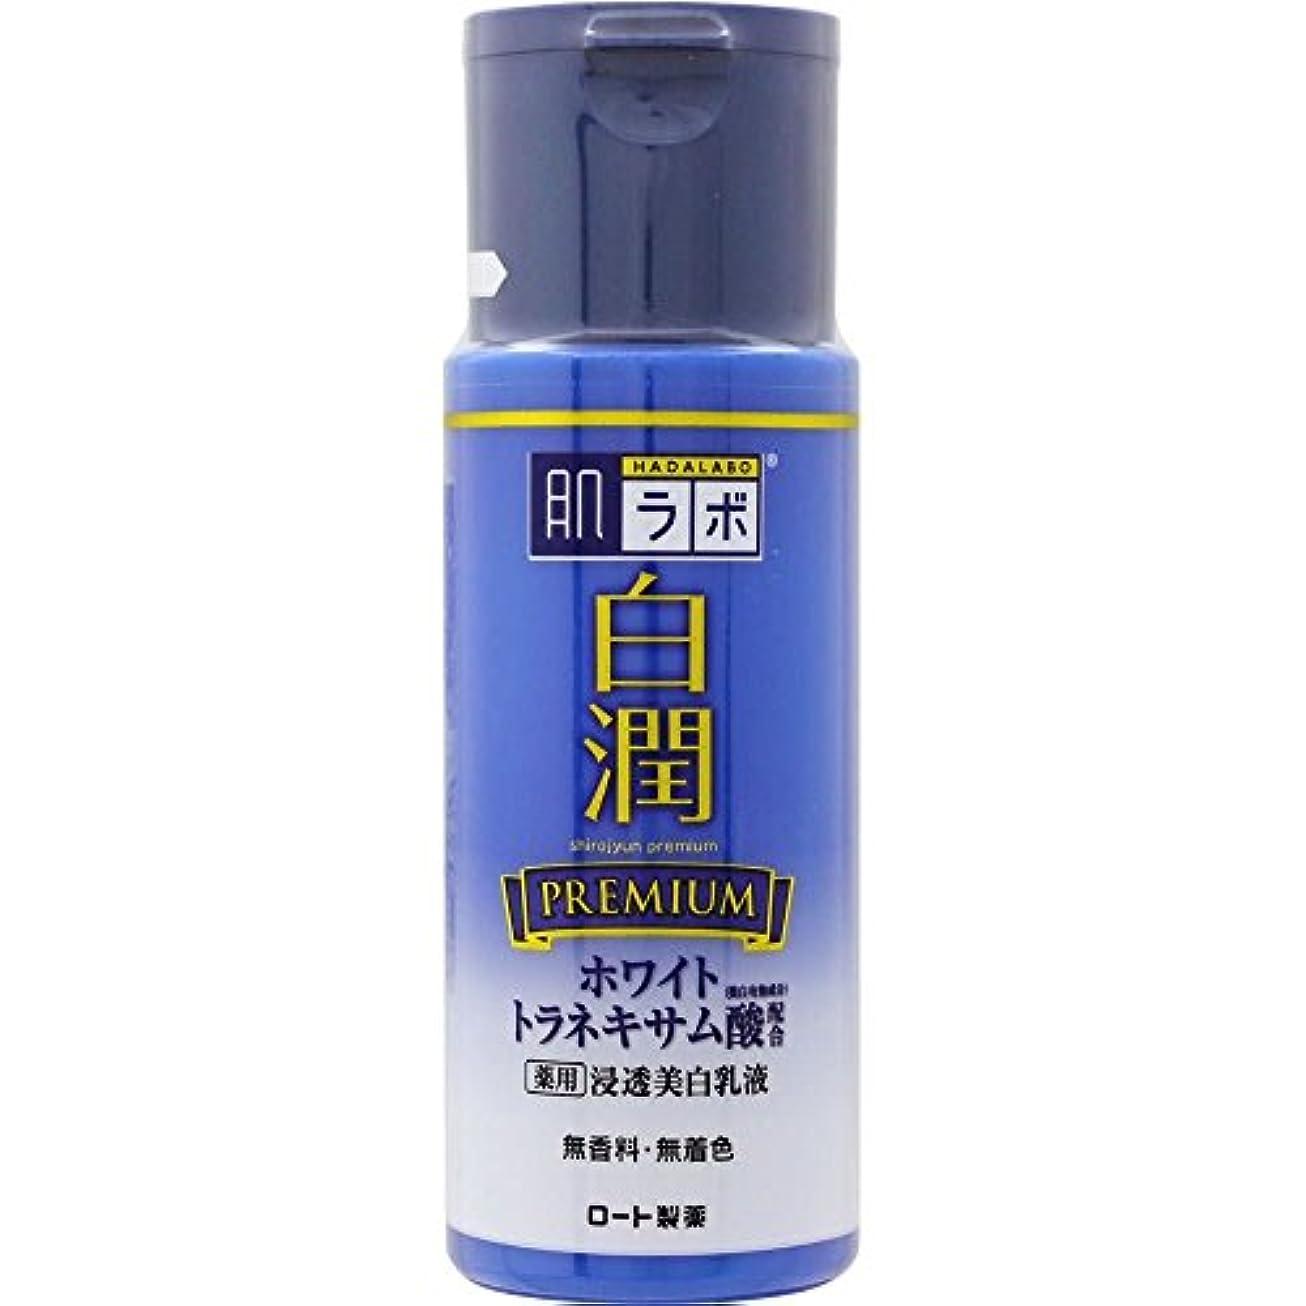 上に思慮のない高揚した肌ラボ 白潤プレミアム 薬用浸透美白乳液 140mL (医薬部外品)